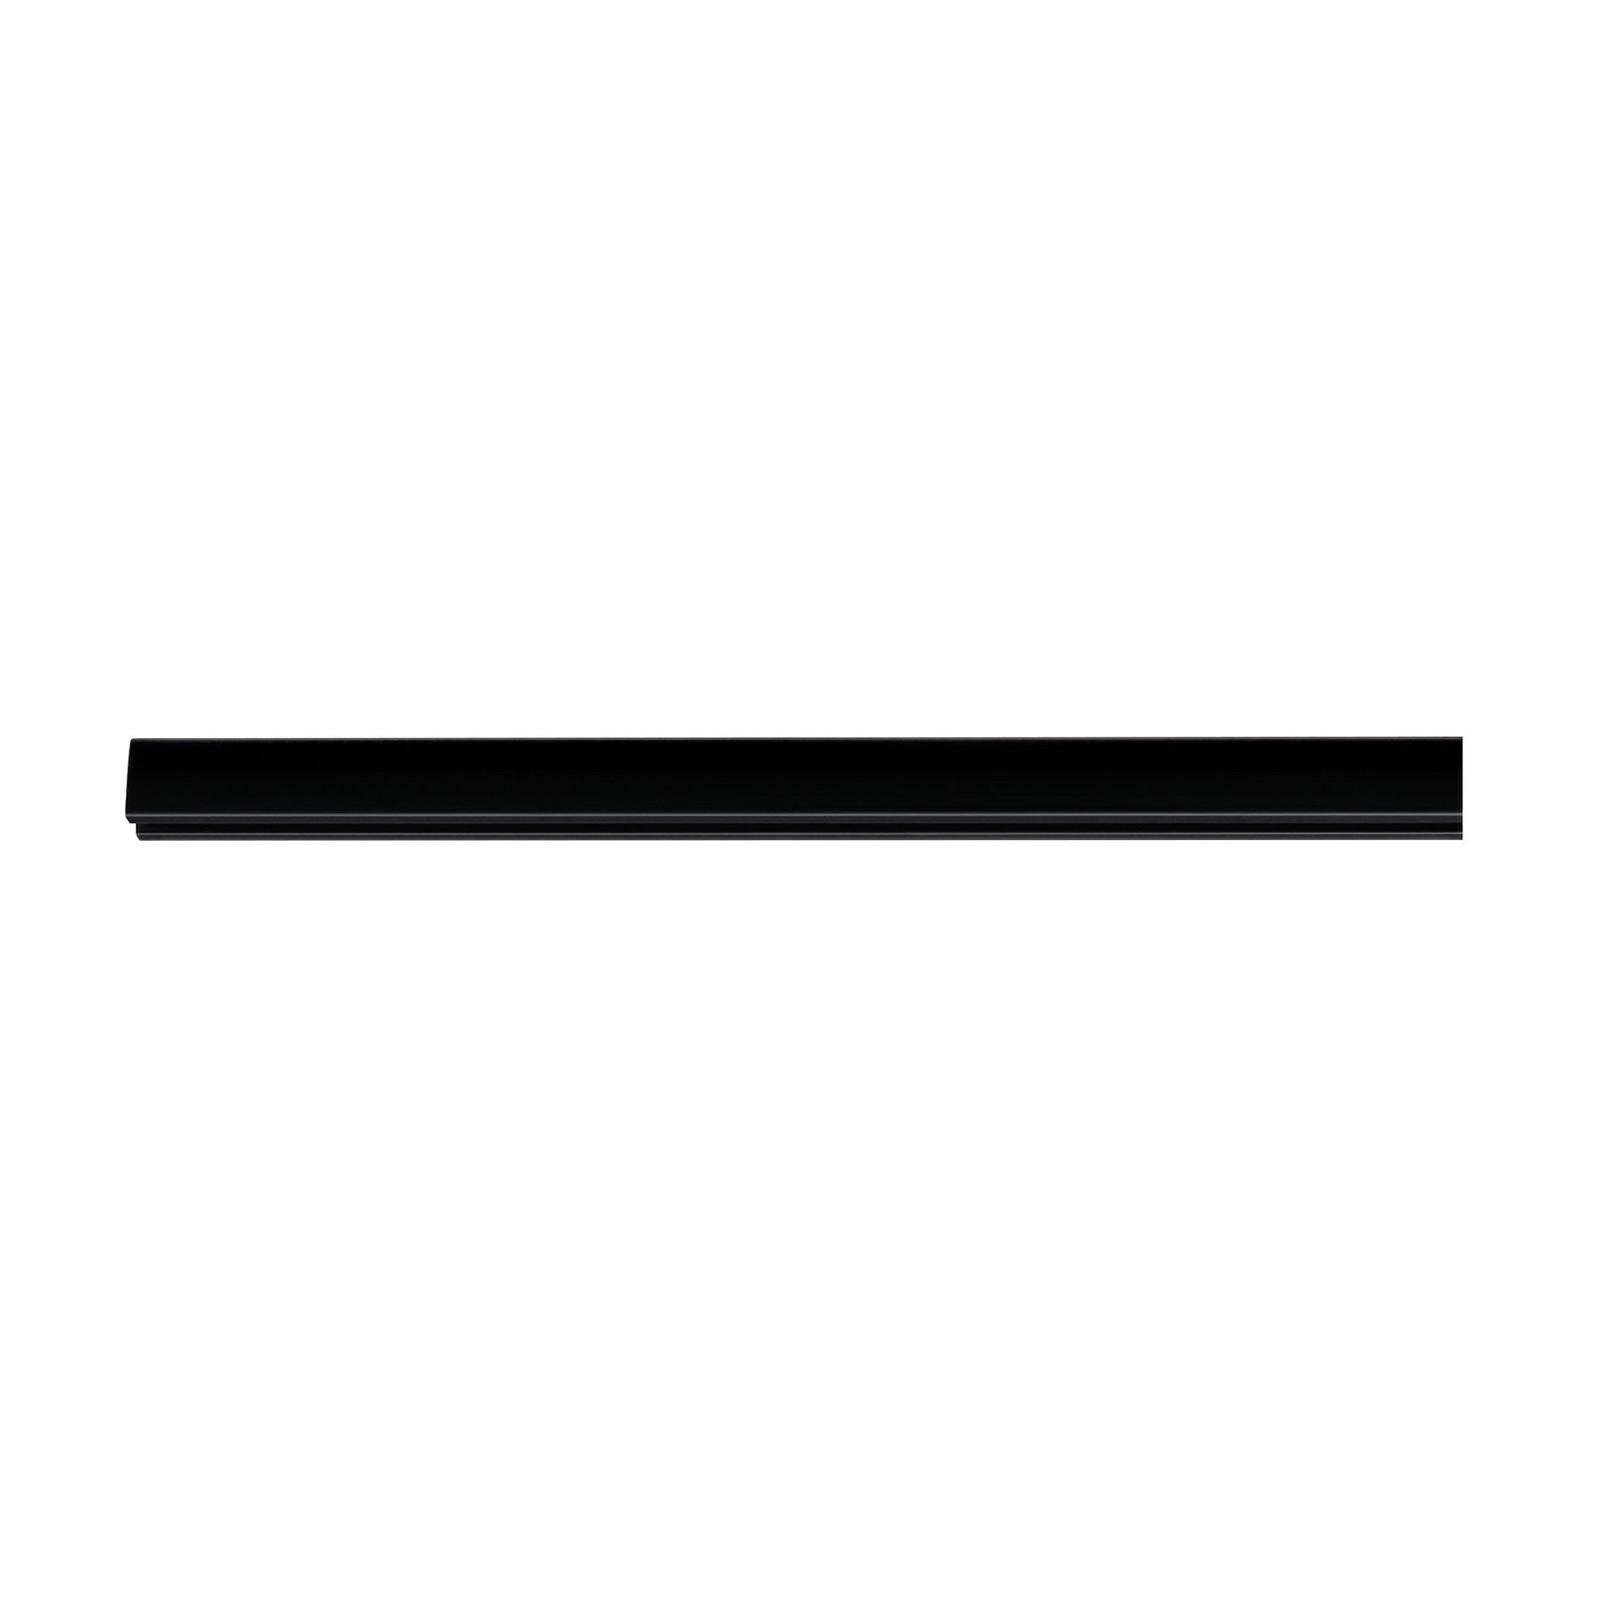 Paulmann URail systemskinne, svart matt, 100 cm